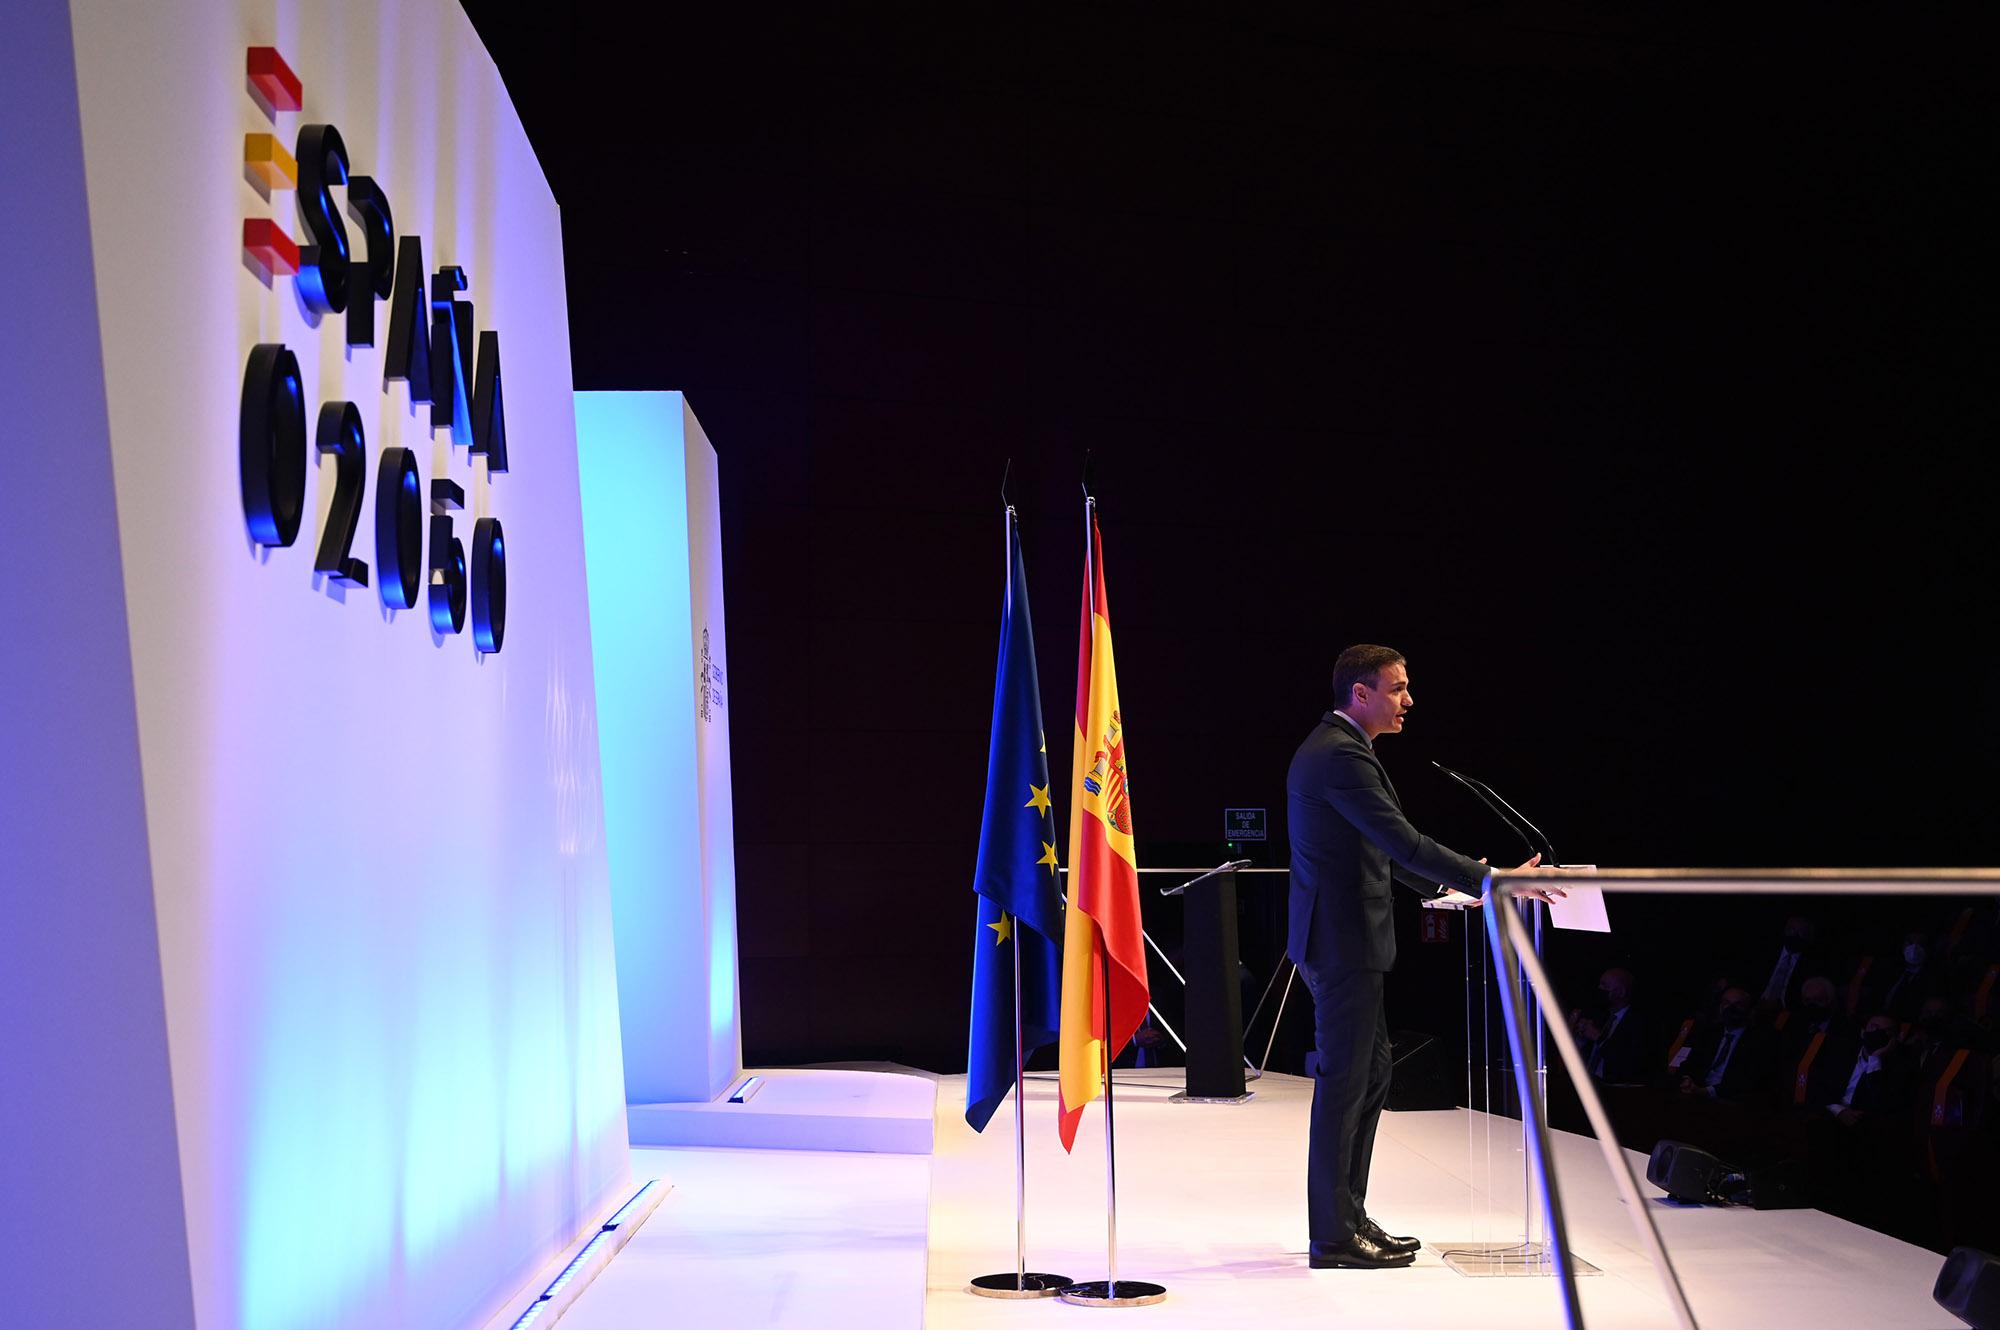 El presidente del Gobierno durante su intervención en el acto